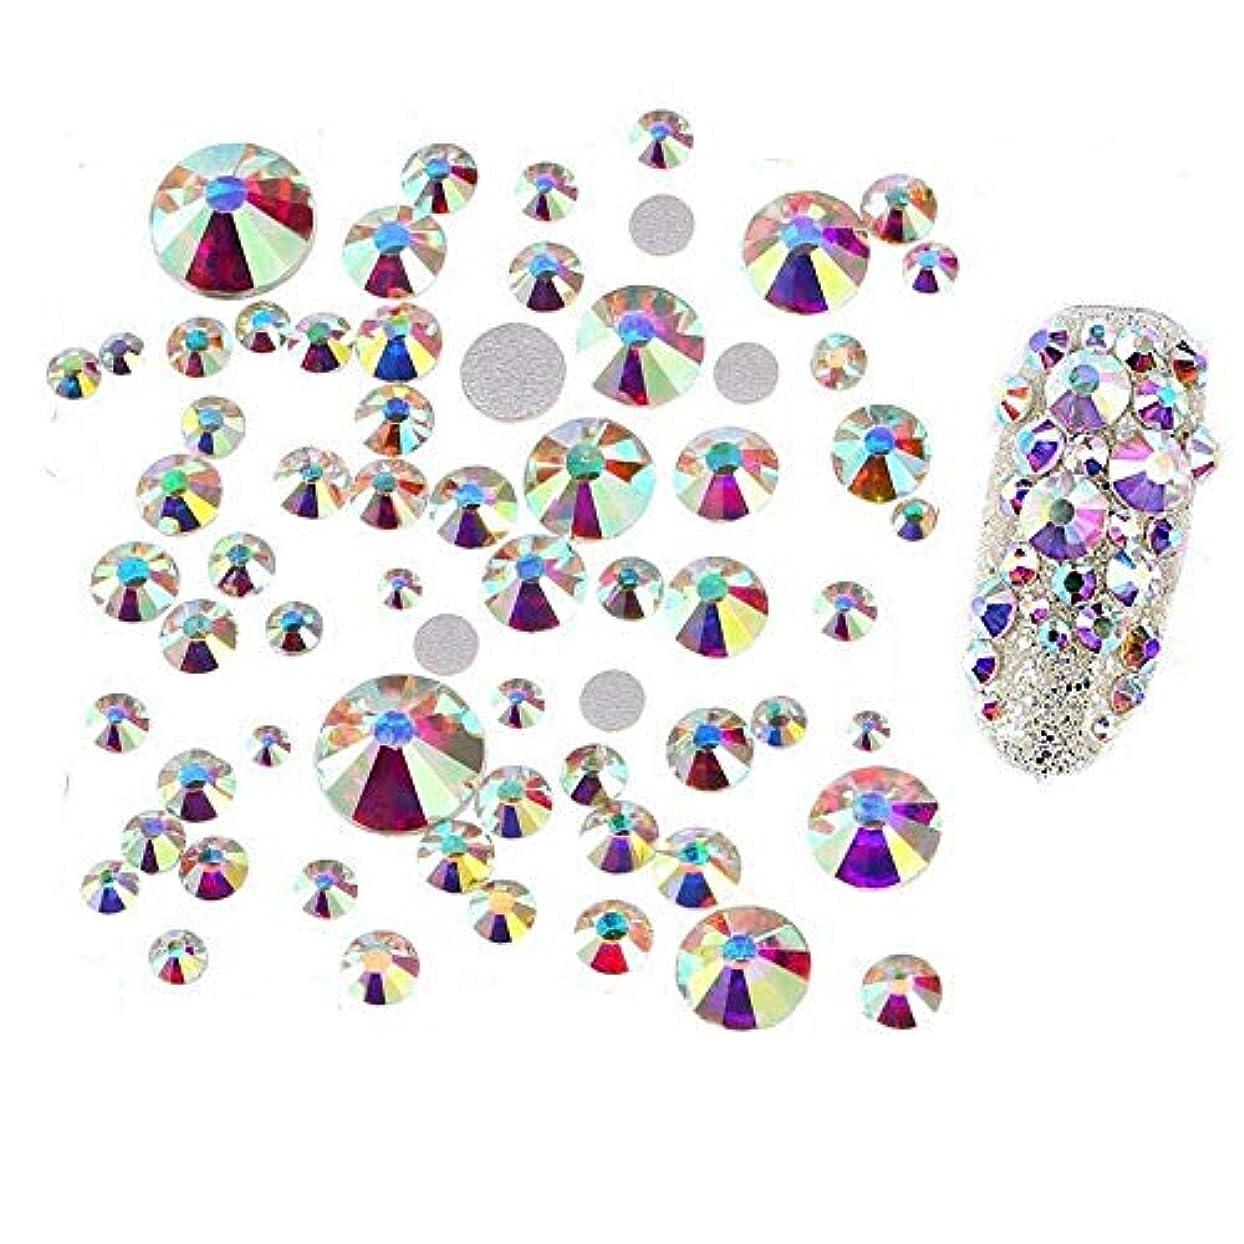 間違いなくシェアスペル高品質 ガラスストーン オーロラ クリスタル,ラインストーン ネイル デコ ガラスストーン クリスタル ジェルネイル ネイルパーツ (約200粒)